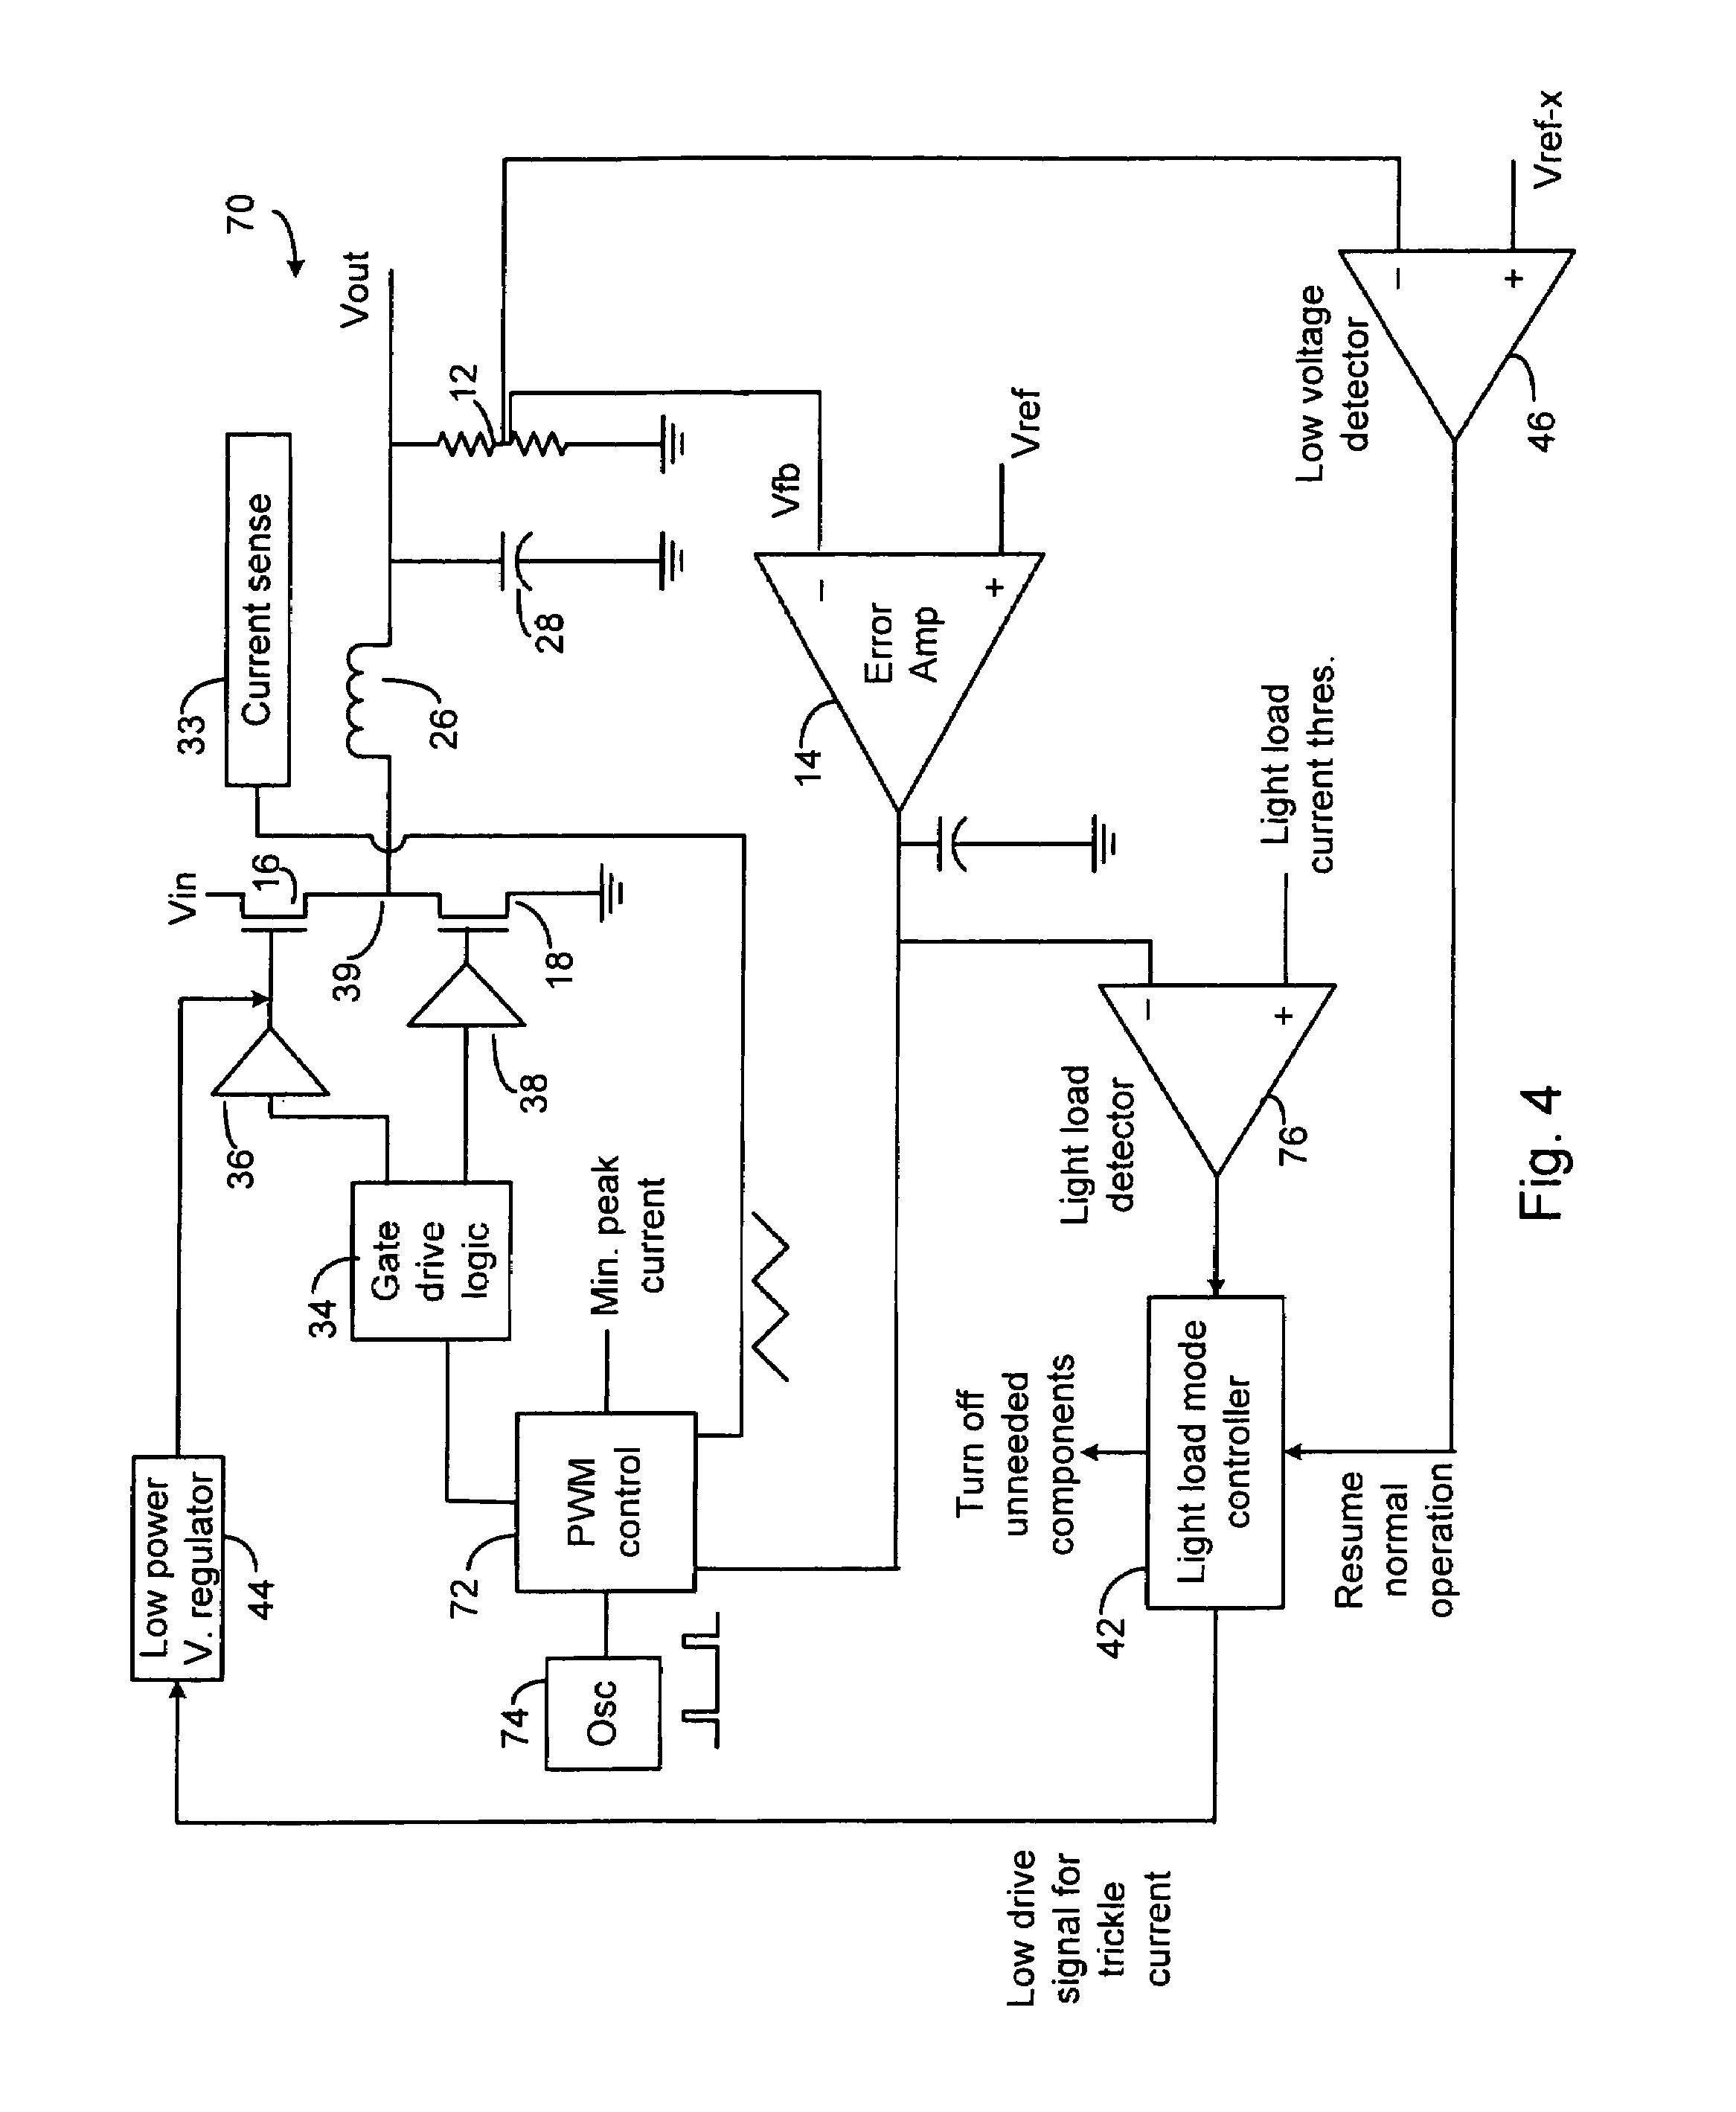 patent us7304464